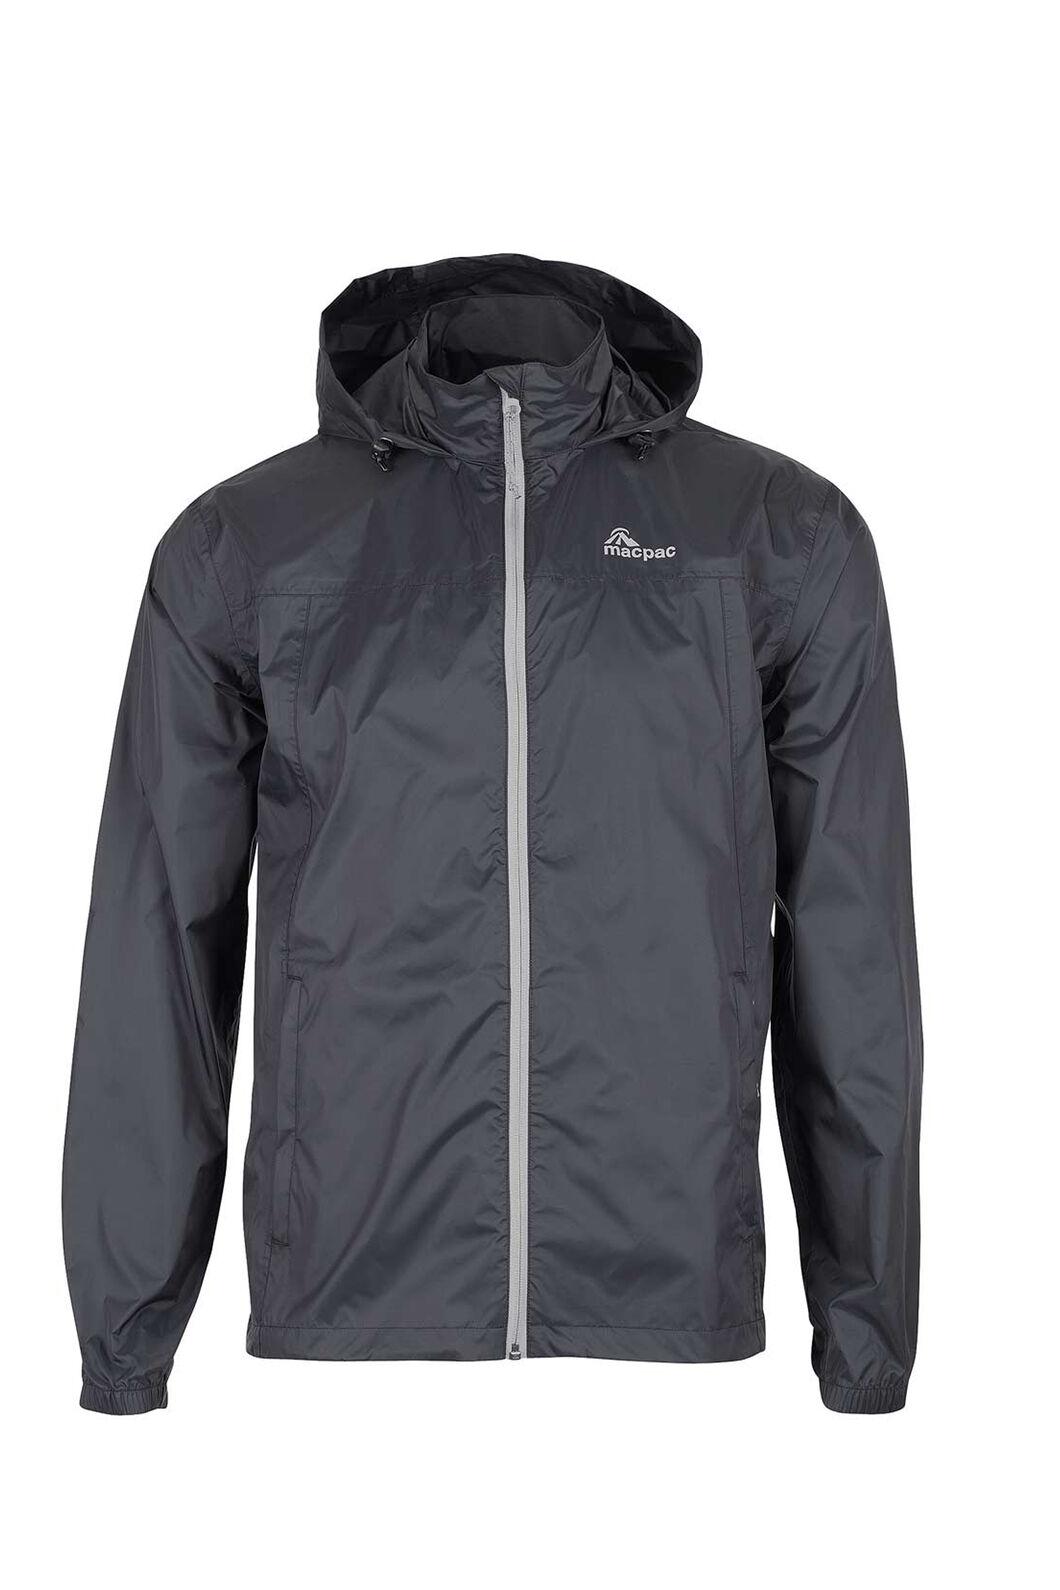 Macpac Pack-It-Jacket — Unisex, Black, hi-res